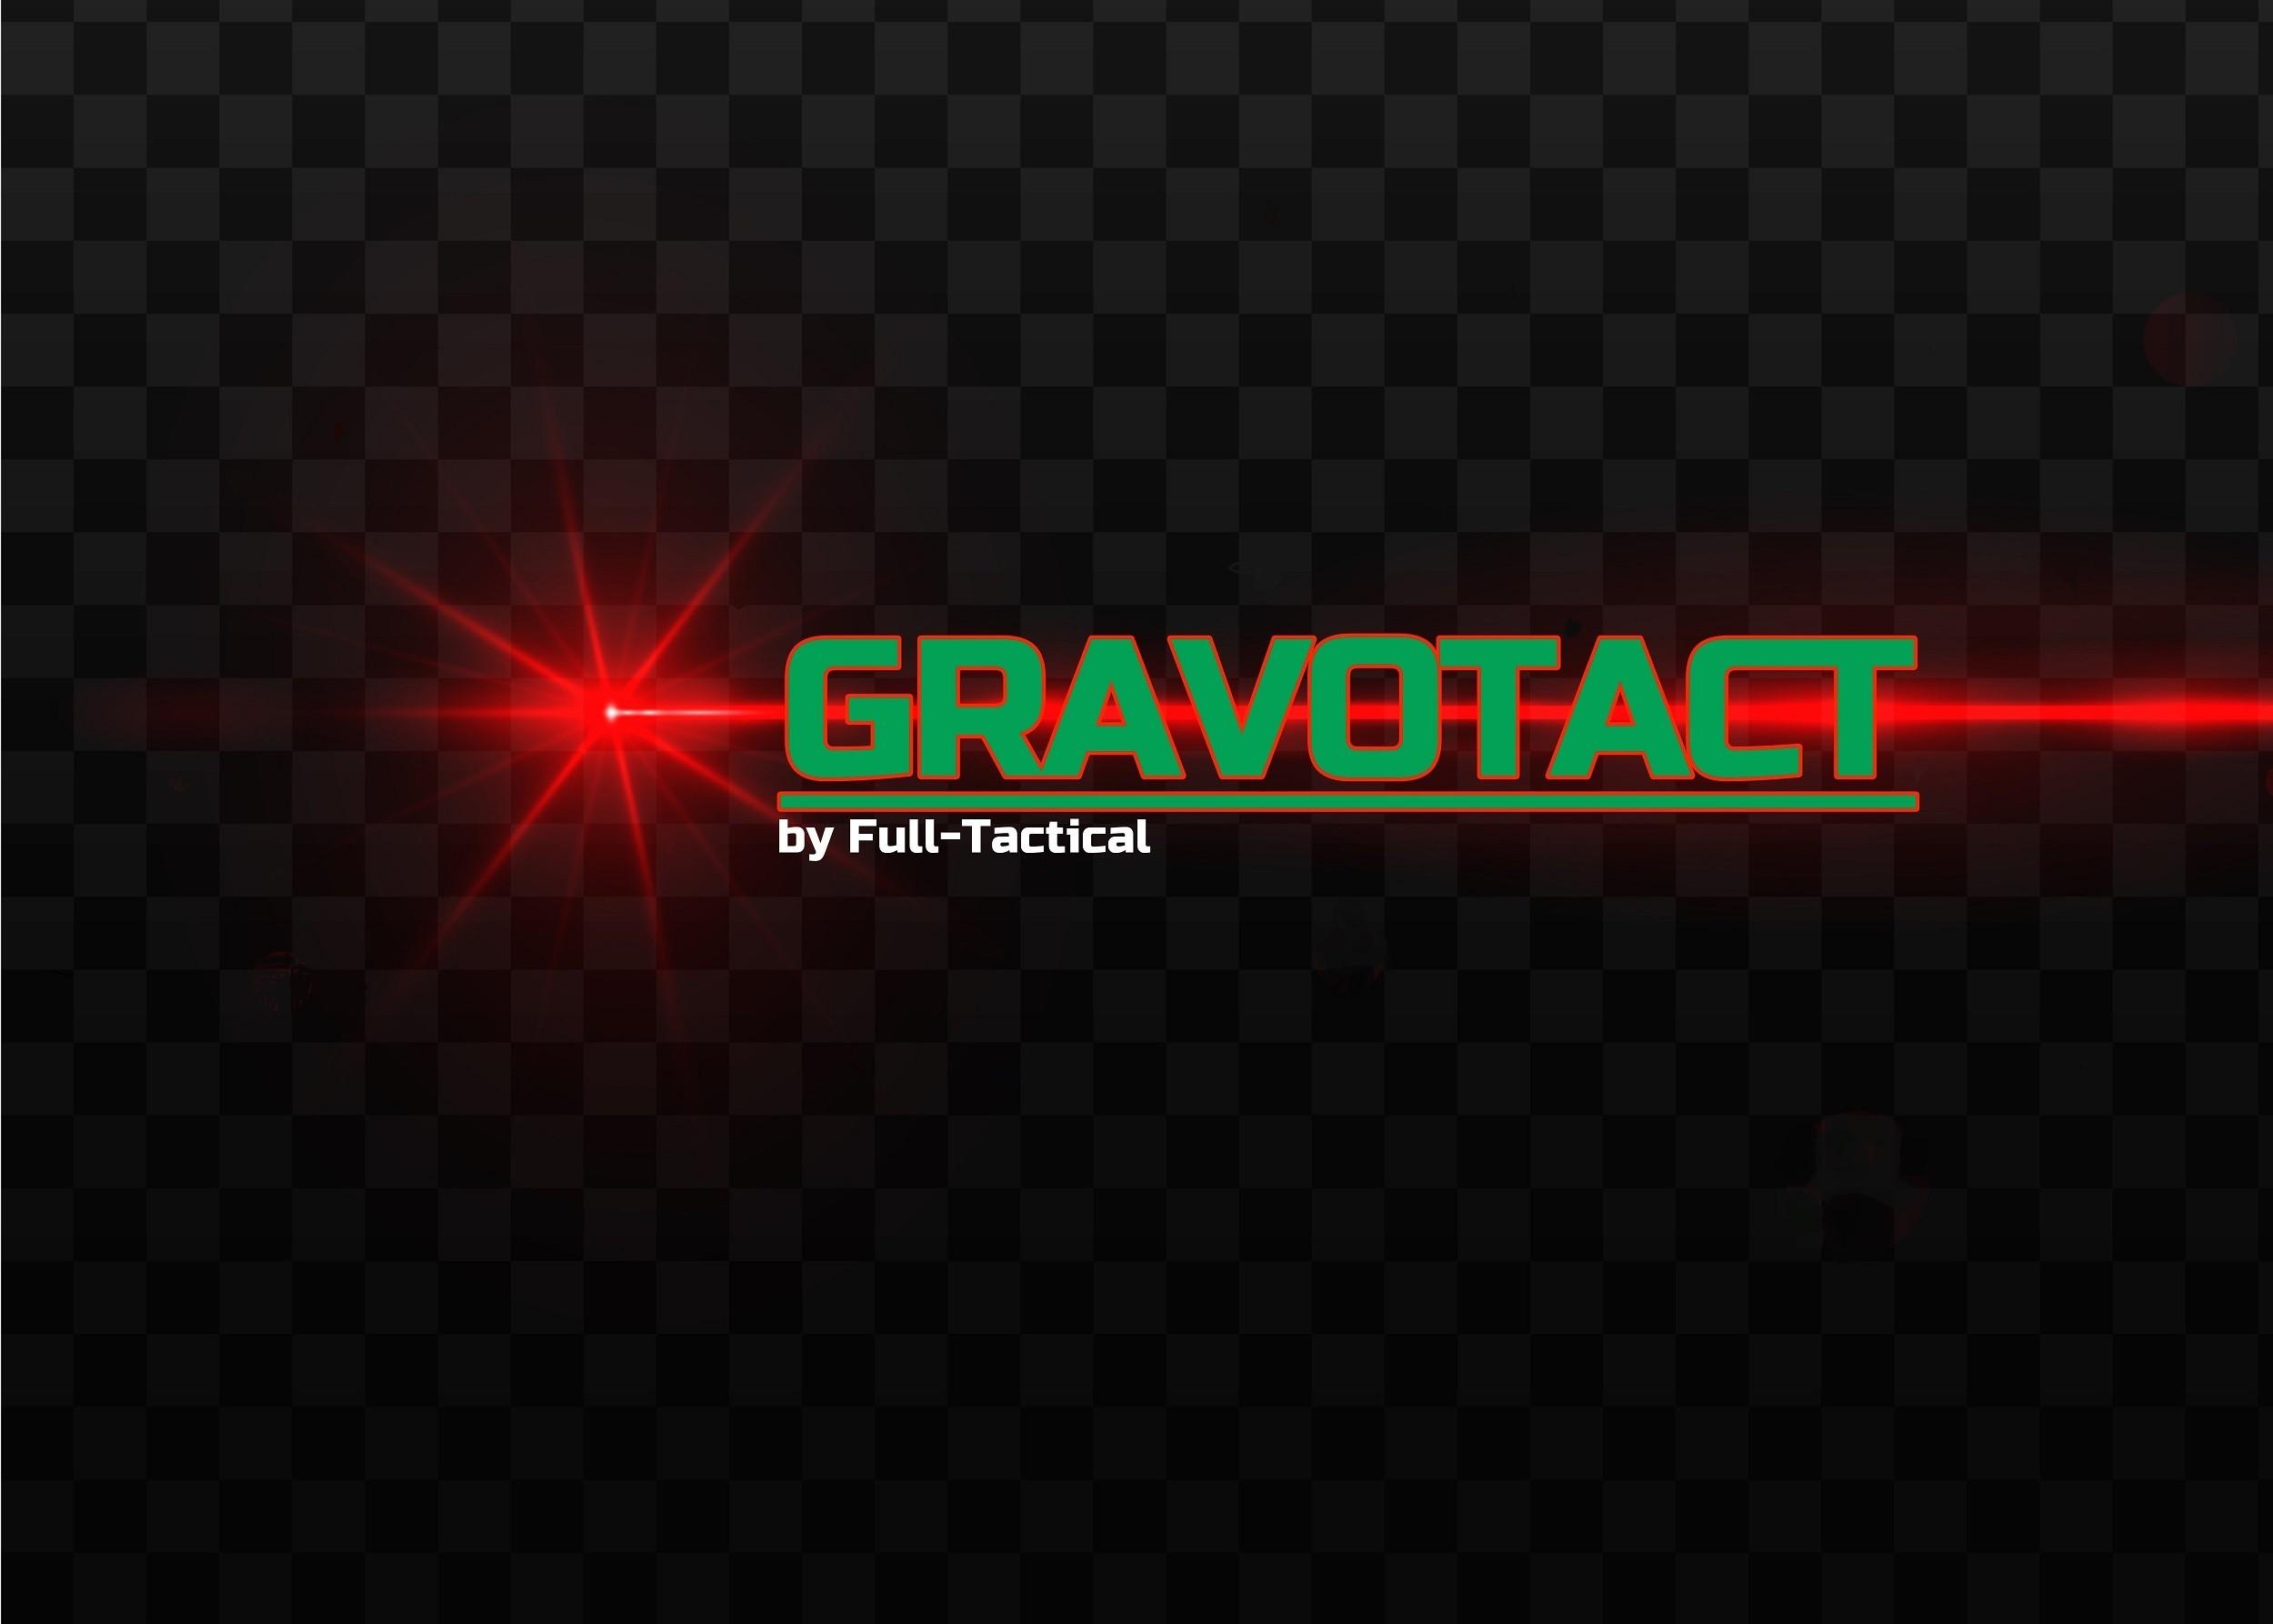 GRAVOTACT